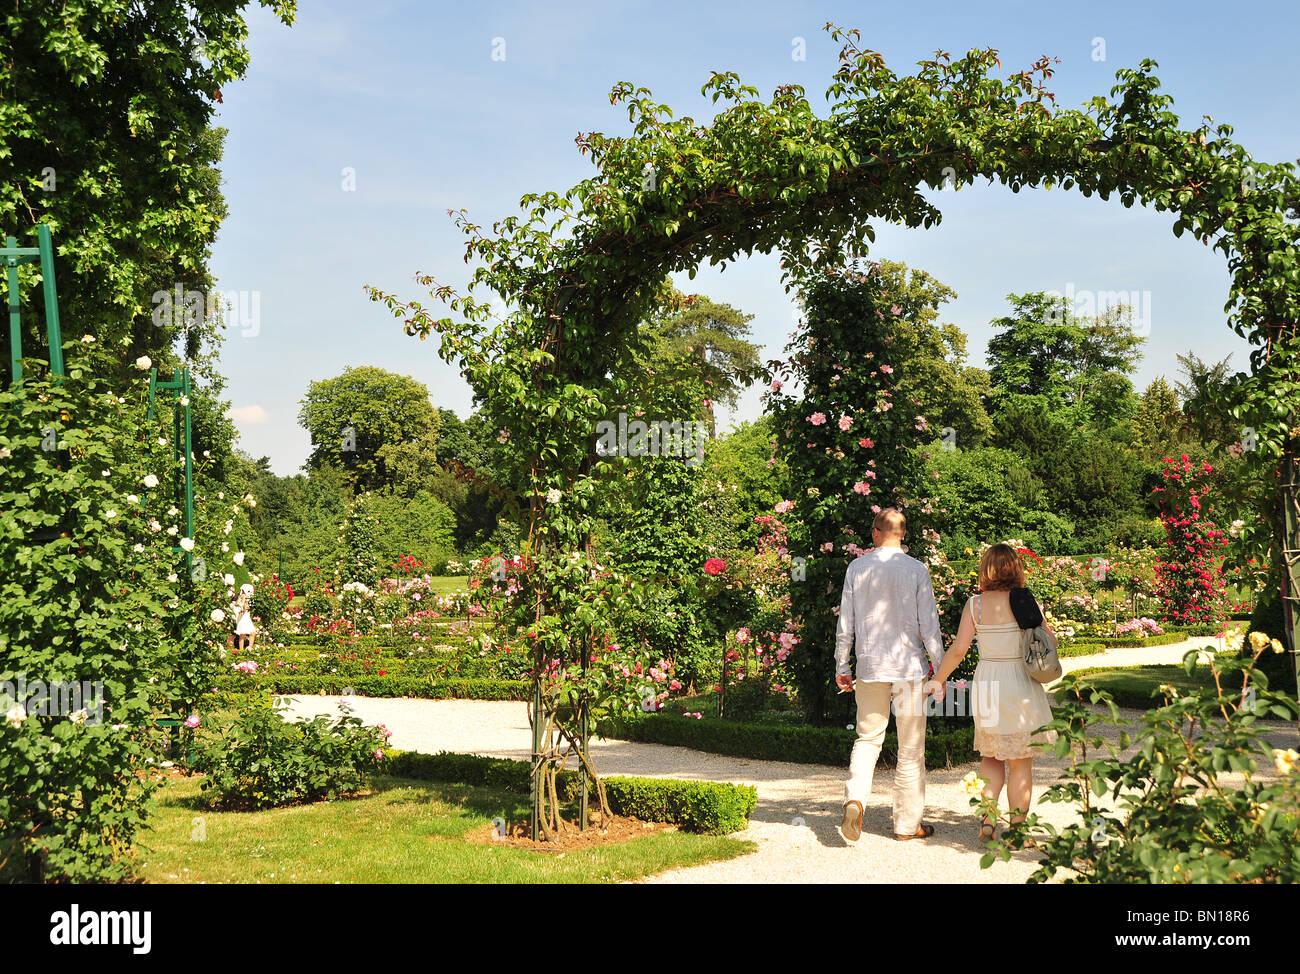 Bois de boulogne parc de bagatelle rose garden and for Bagatelle jardin paris